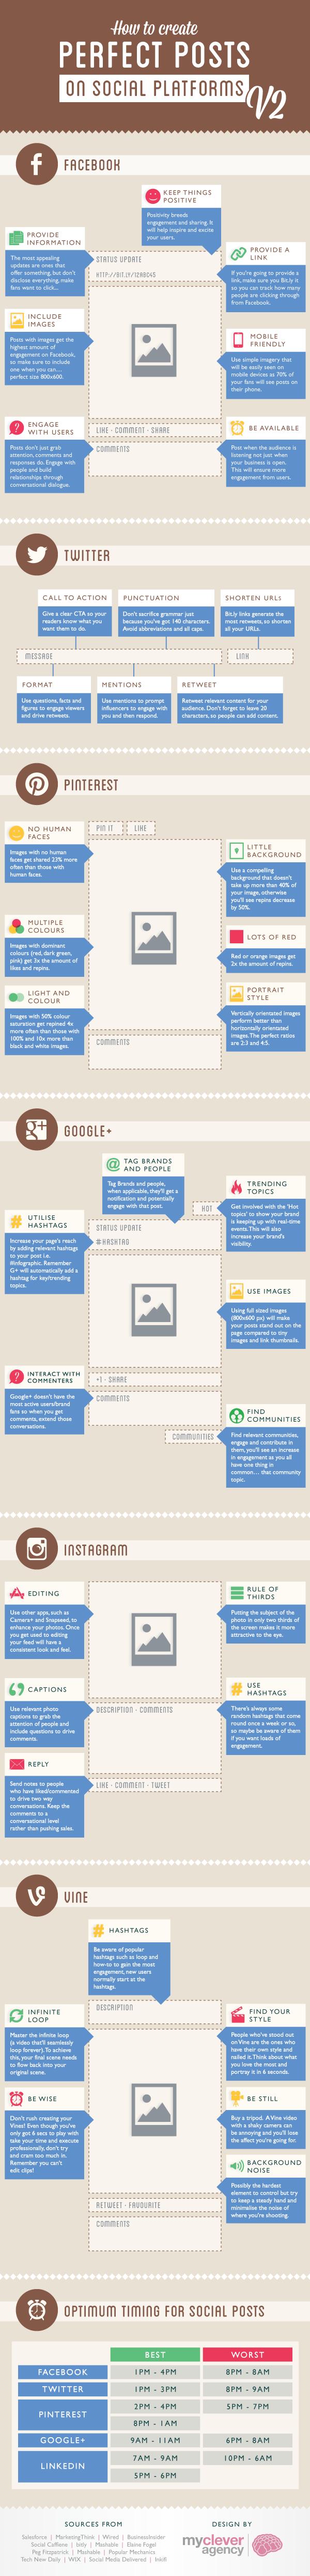 كيفية وضع المحتوى الأفضل في الوقت الأفضل على شبكات التواصل #انفوجرافيك